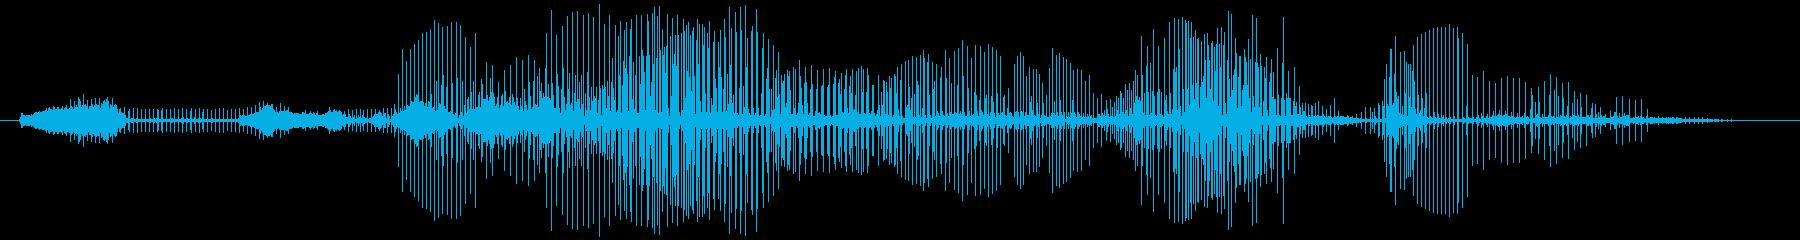 コウノトリ-シゴニャブランカの再生済みの波形